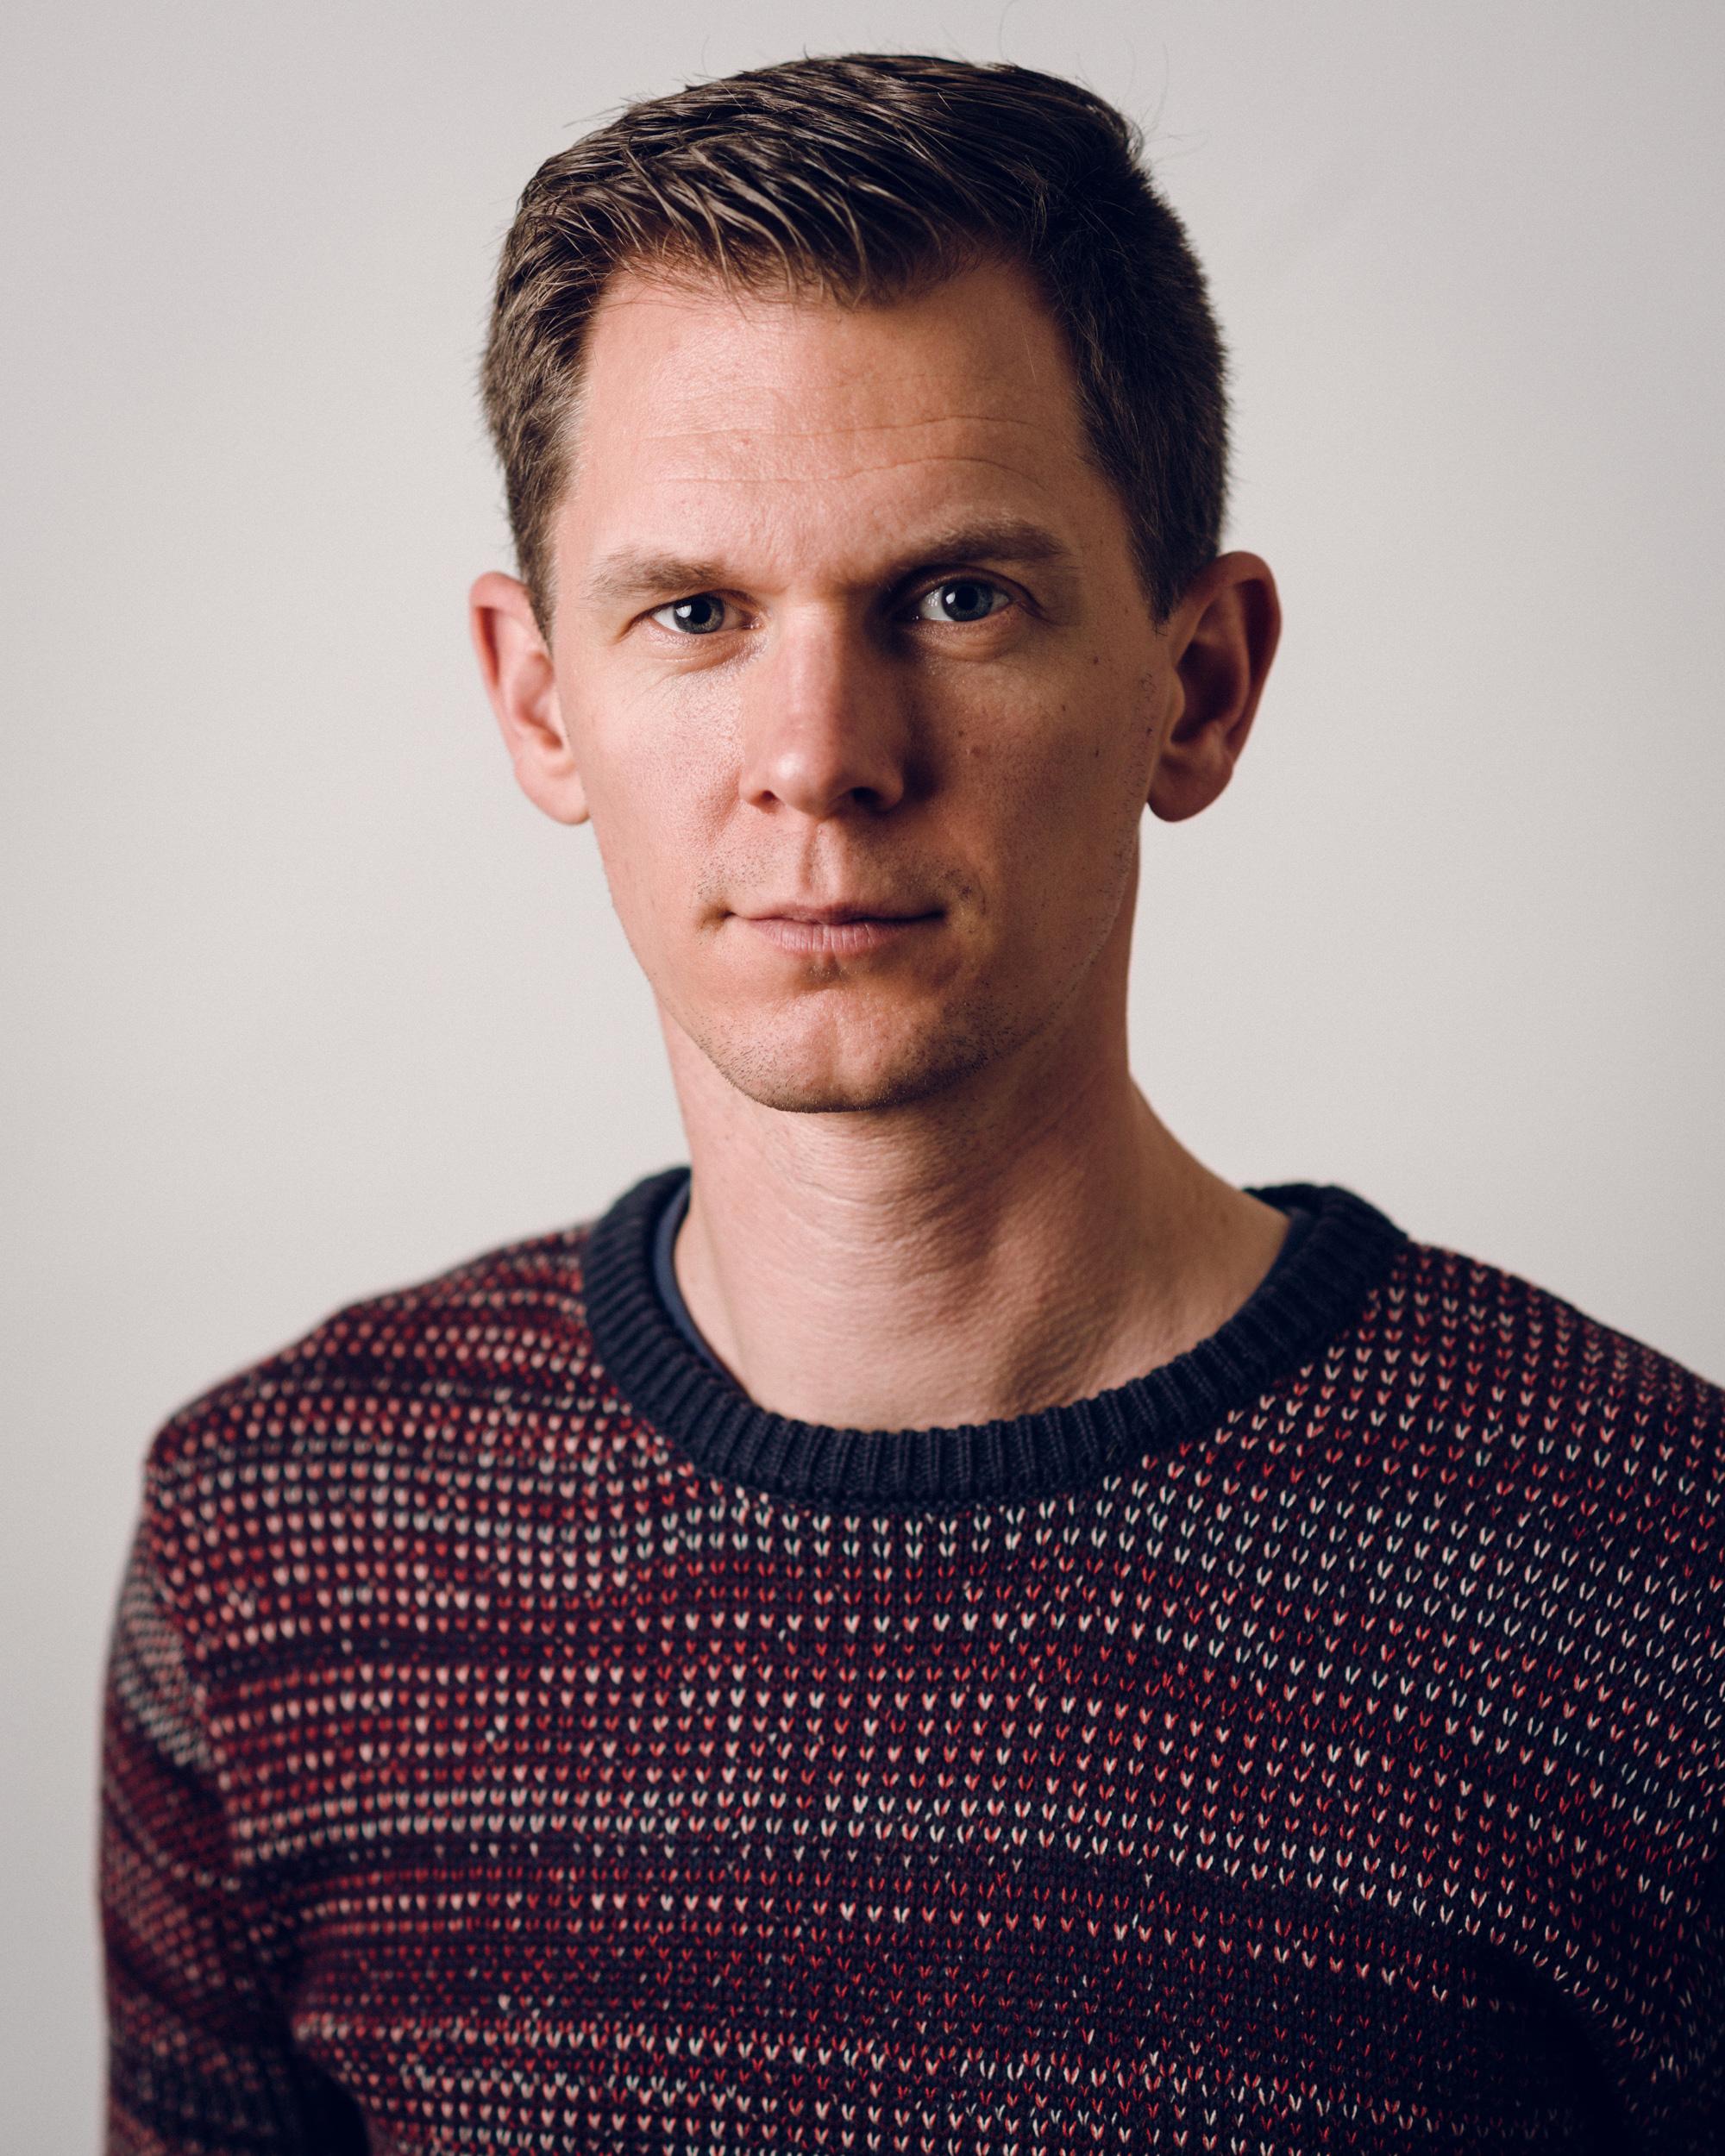 Christian Reijnoudt